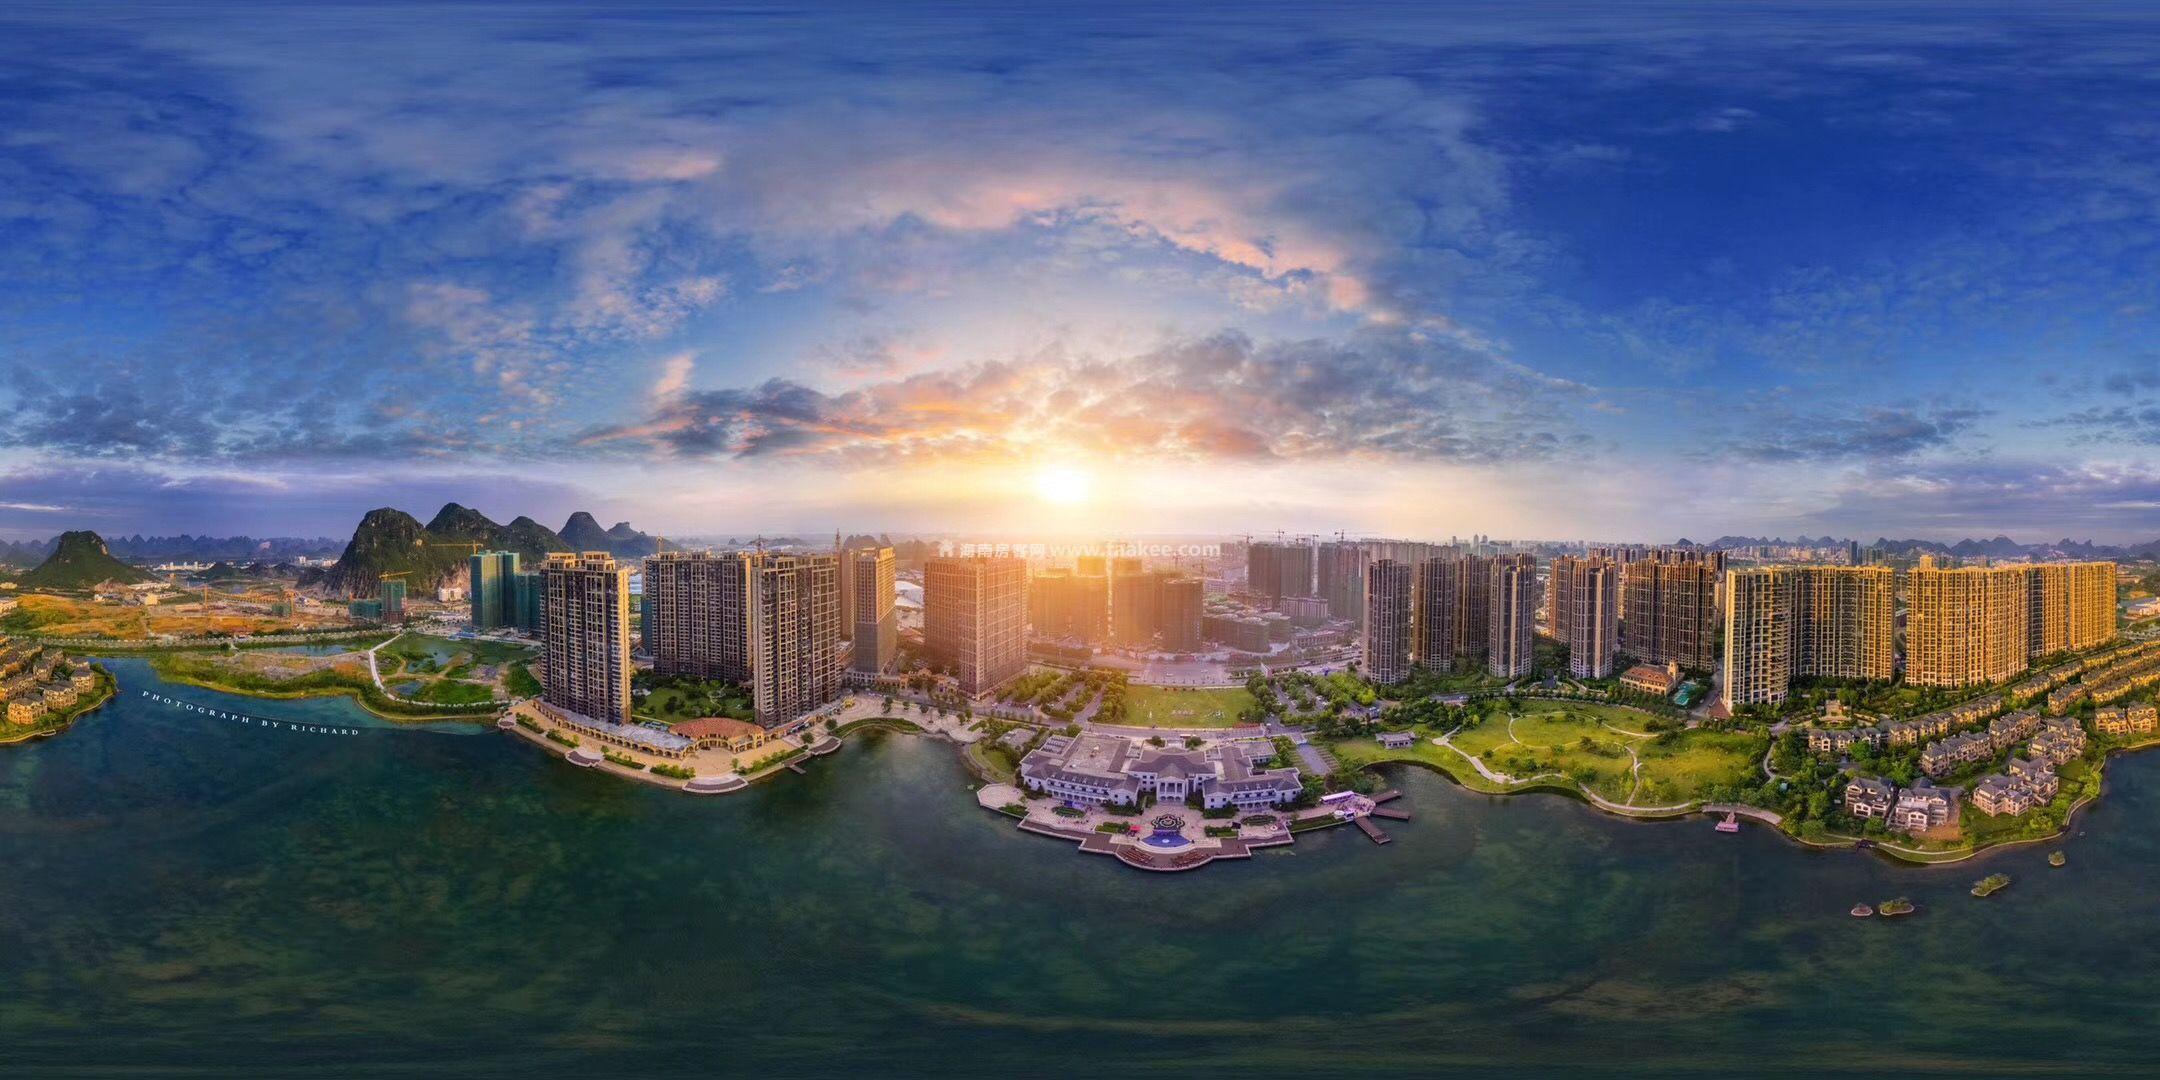 桂林花样年麓湖国际社区两万抵五万,现场98折